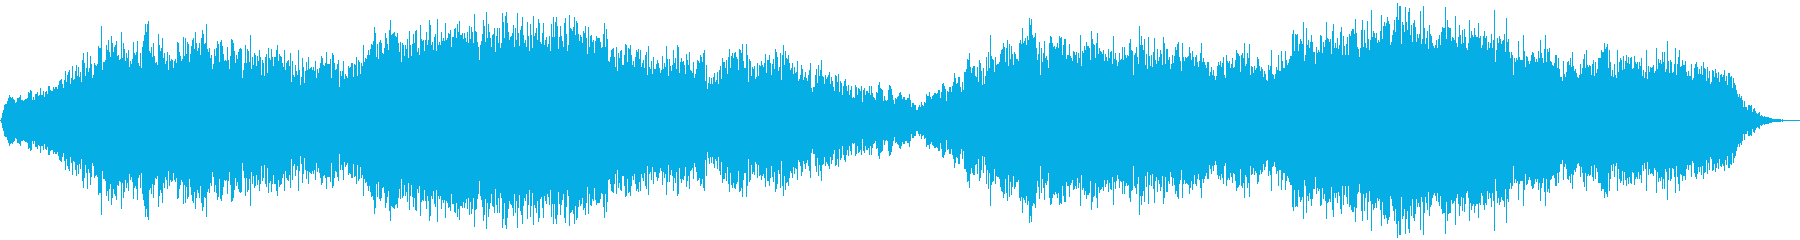 【ダークアンビエント】地下世界の再生済みの波形